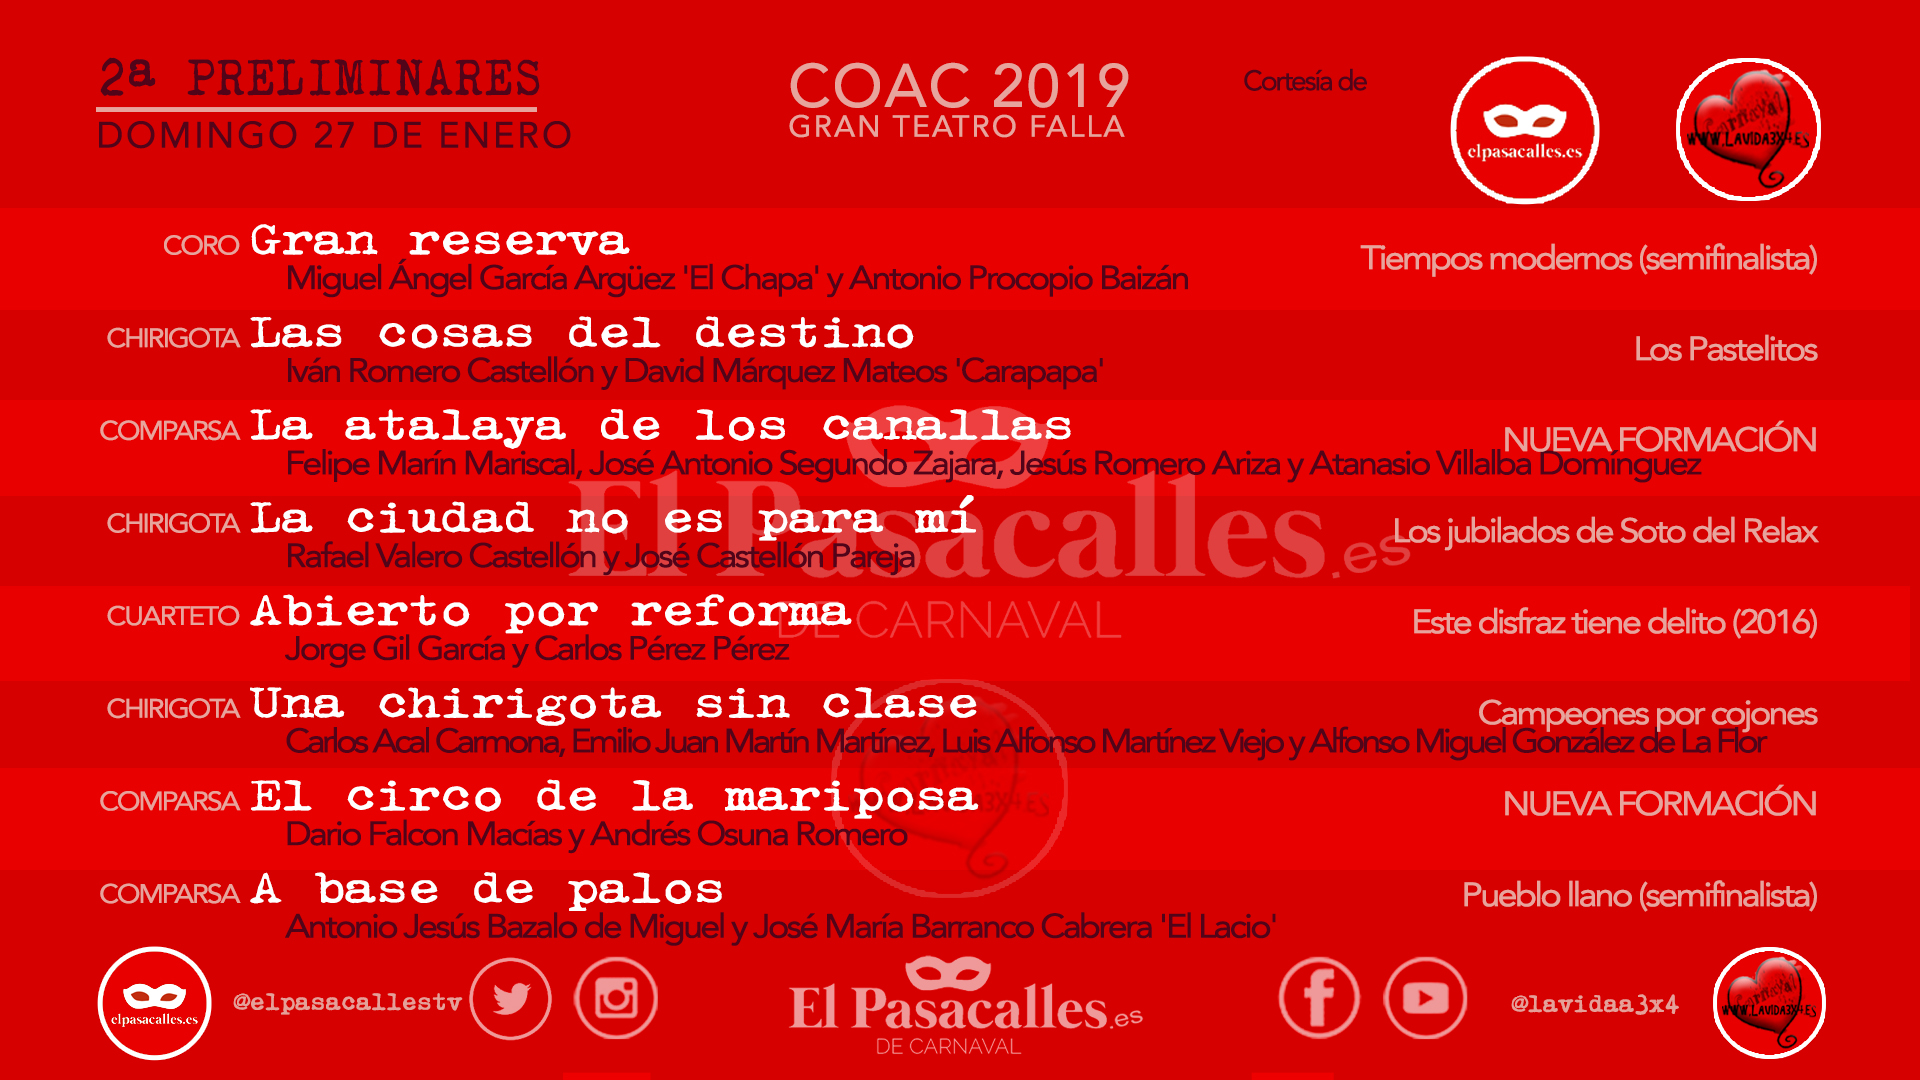 Calendario Coac 2019.Aqui Puedes Ver Todas Las Funciones De Preliminares Del Coac 2019